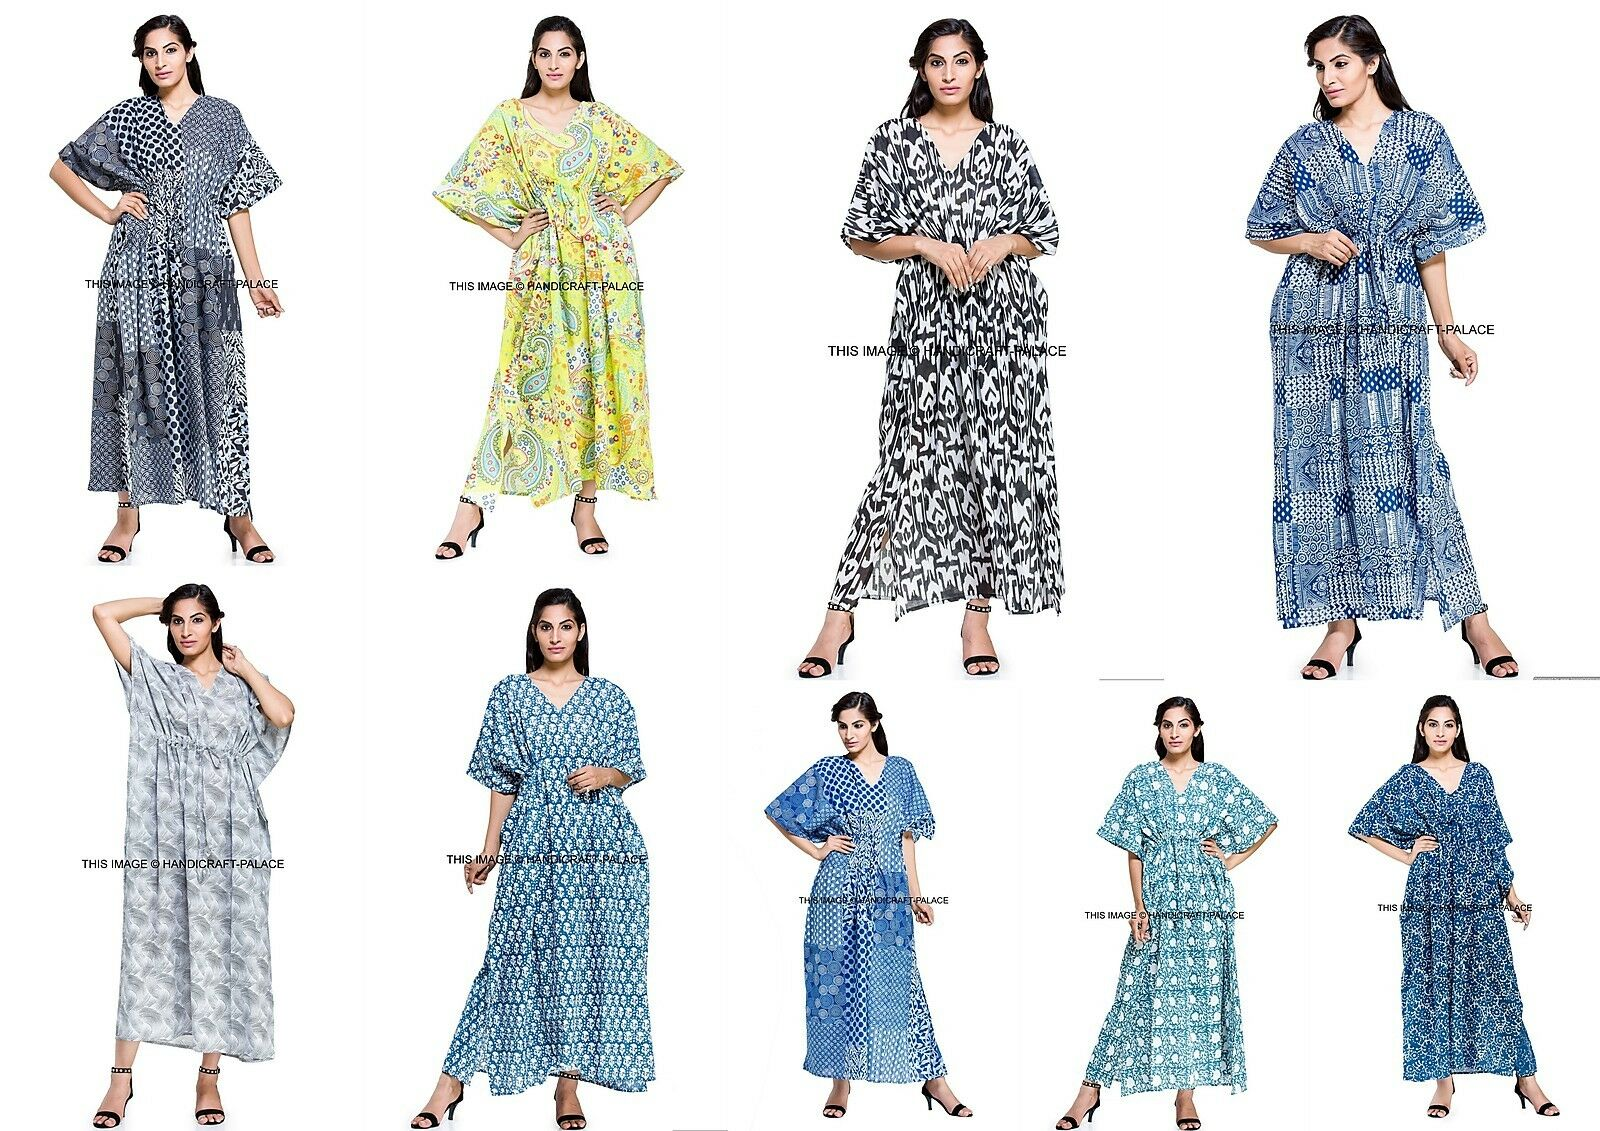 5 PC Wholesale Bulk Ladies Summer Maxi Plus Größe Dress damen Clothes Kaftan Boho